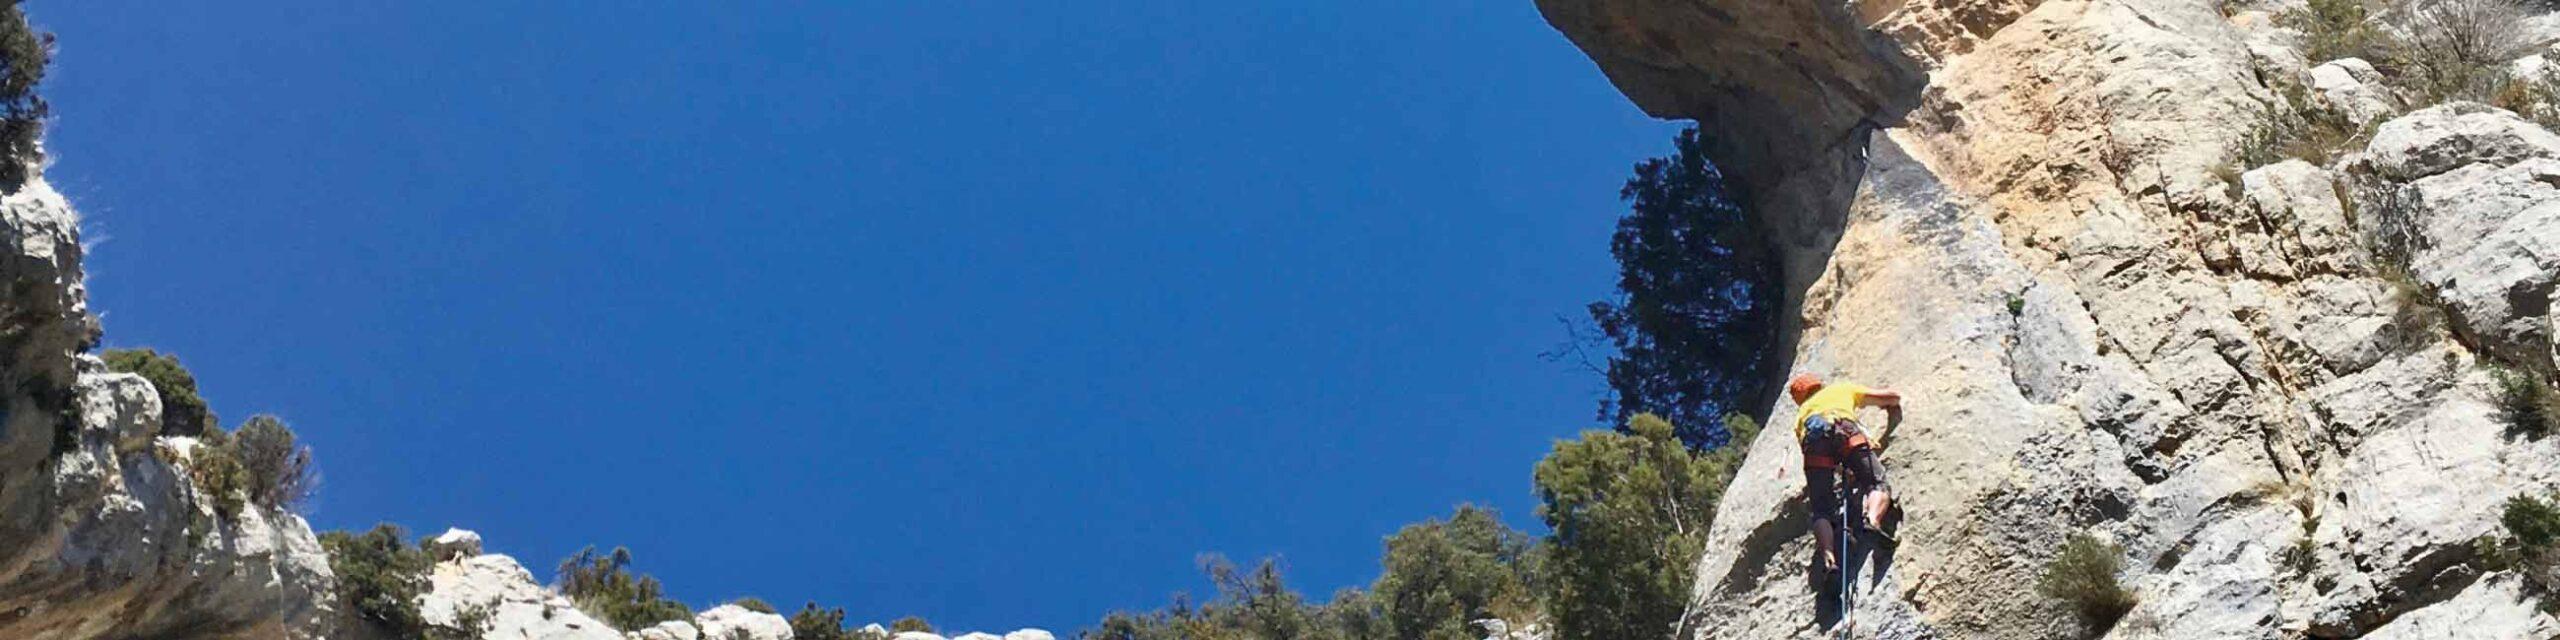 Escalada a Abella de la Conca amb Chris Sharma